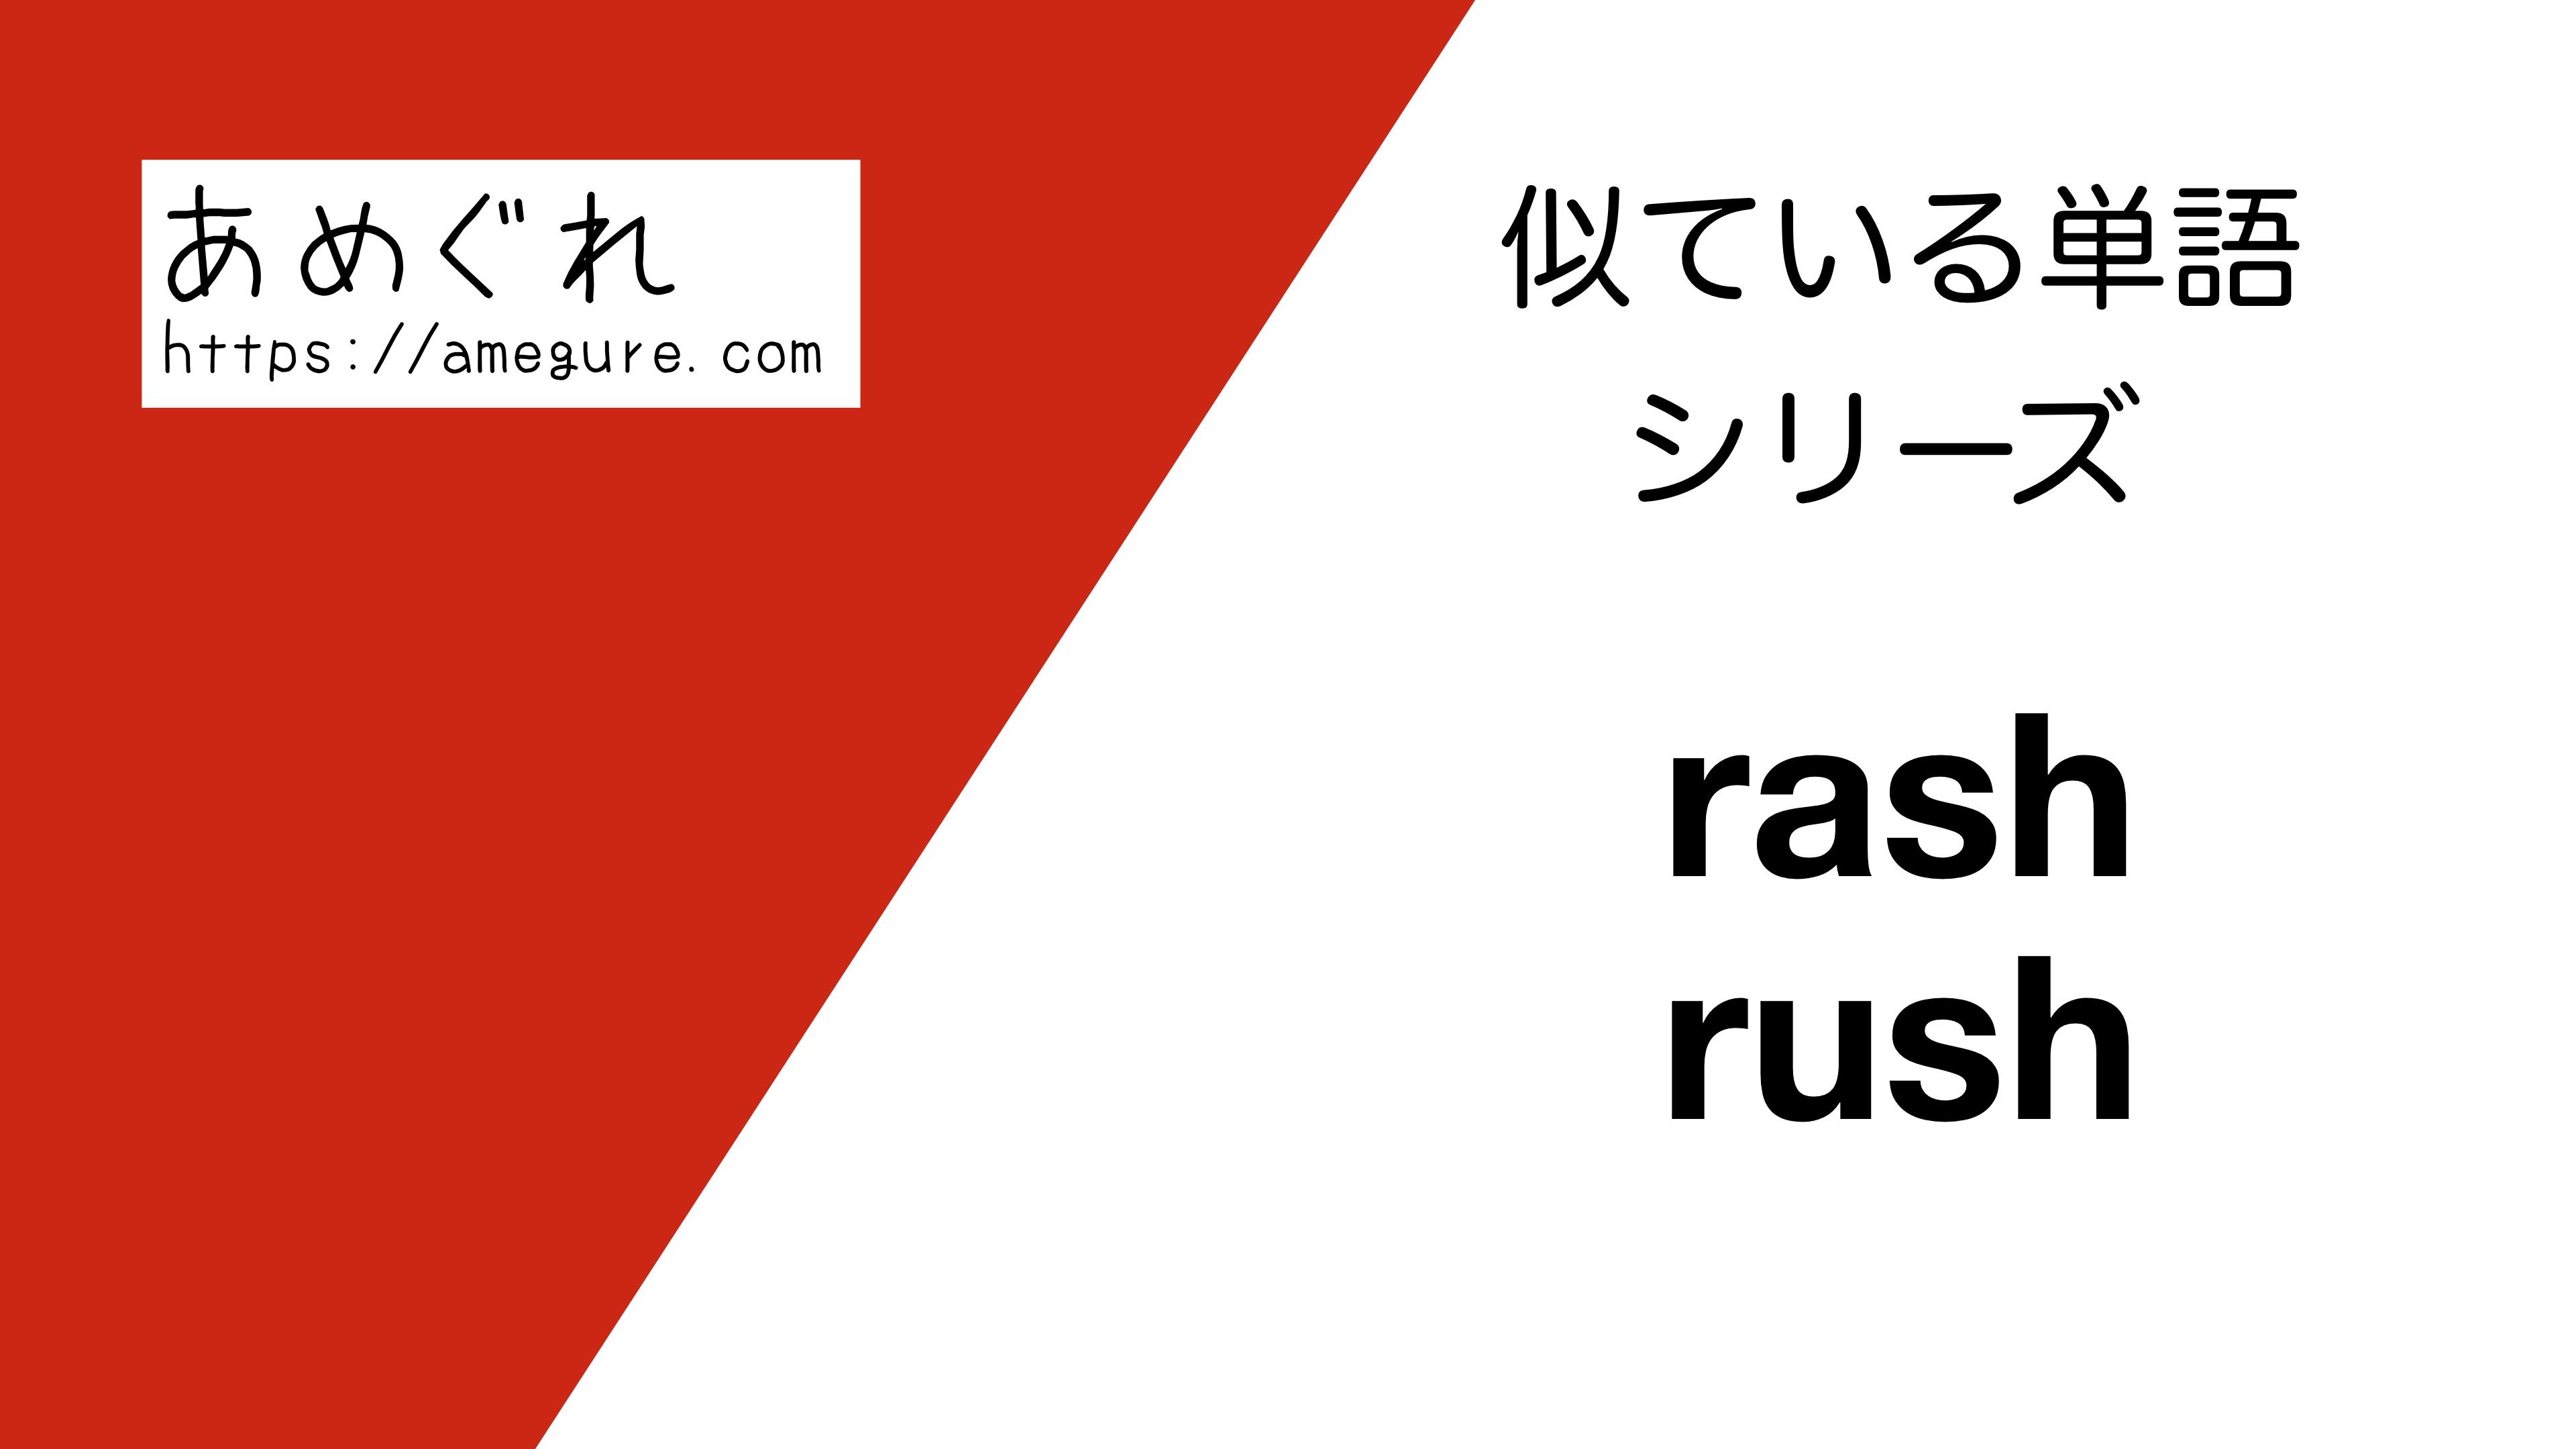 rash-rush違い